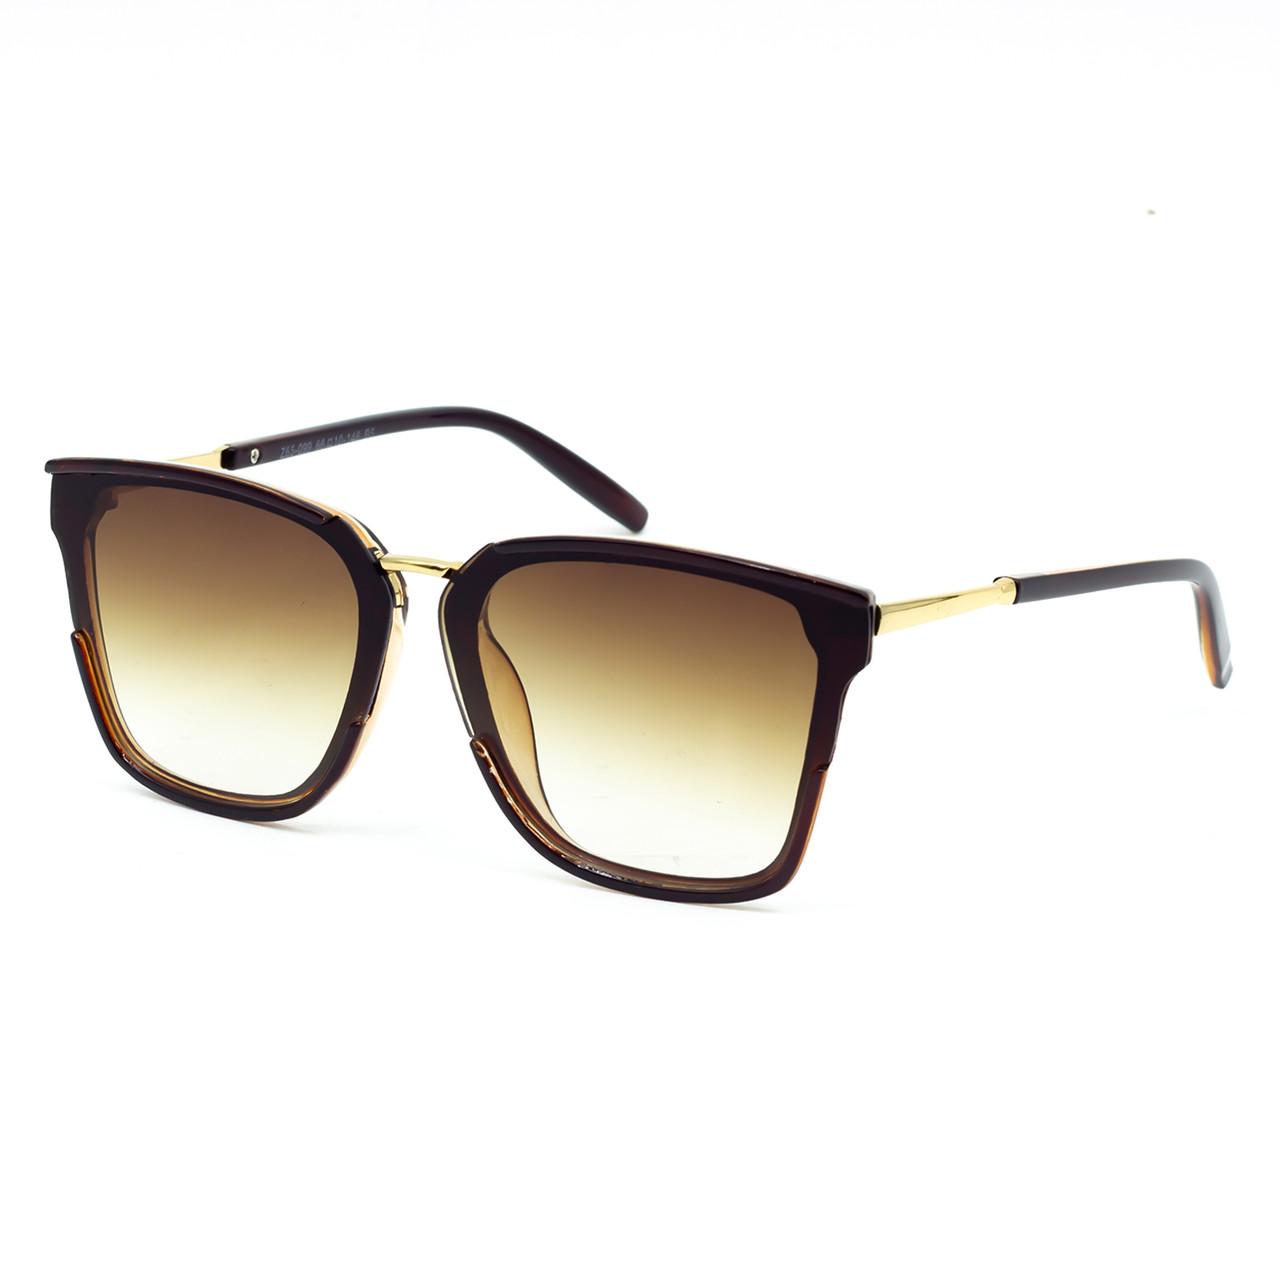 Солнцезащитные очки Marmilen Z65-099 C2 коричневые с градиентом    ( Z65-099-02 )